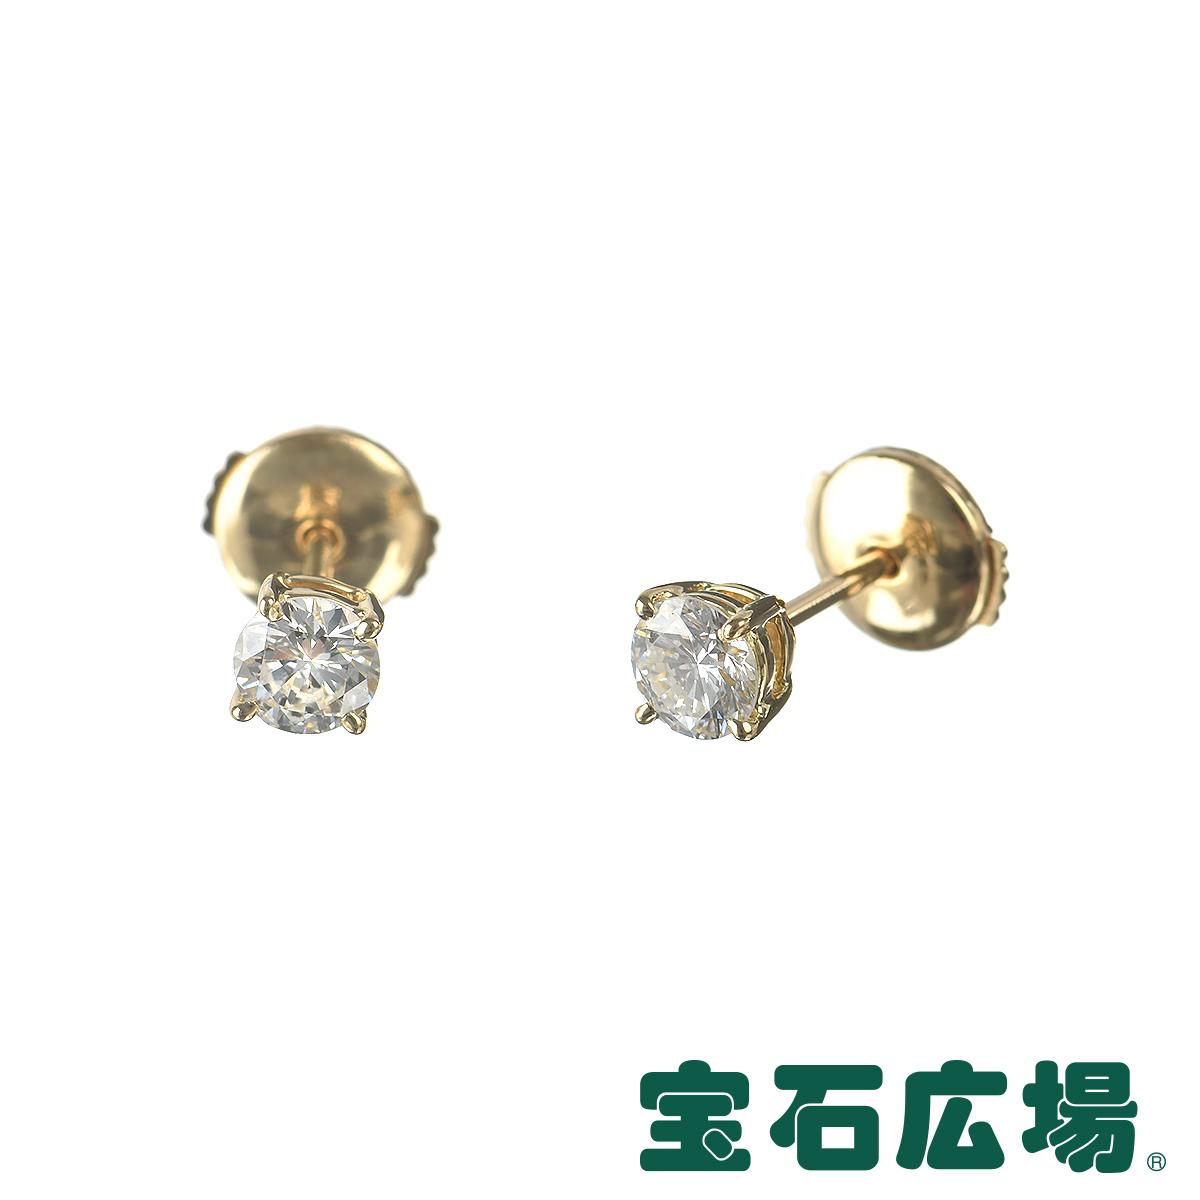 ダイヤモンド ジュエリー 宝石広場オリジナル ダイヤ ピアス D 0.391ct / 0.332ct 【新品】 ジュエリー 送料無料